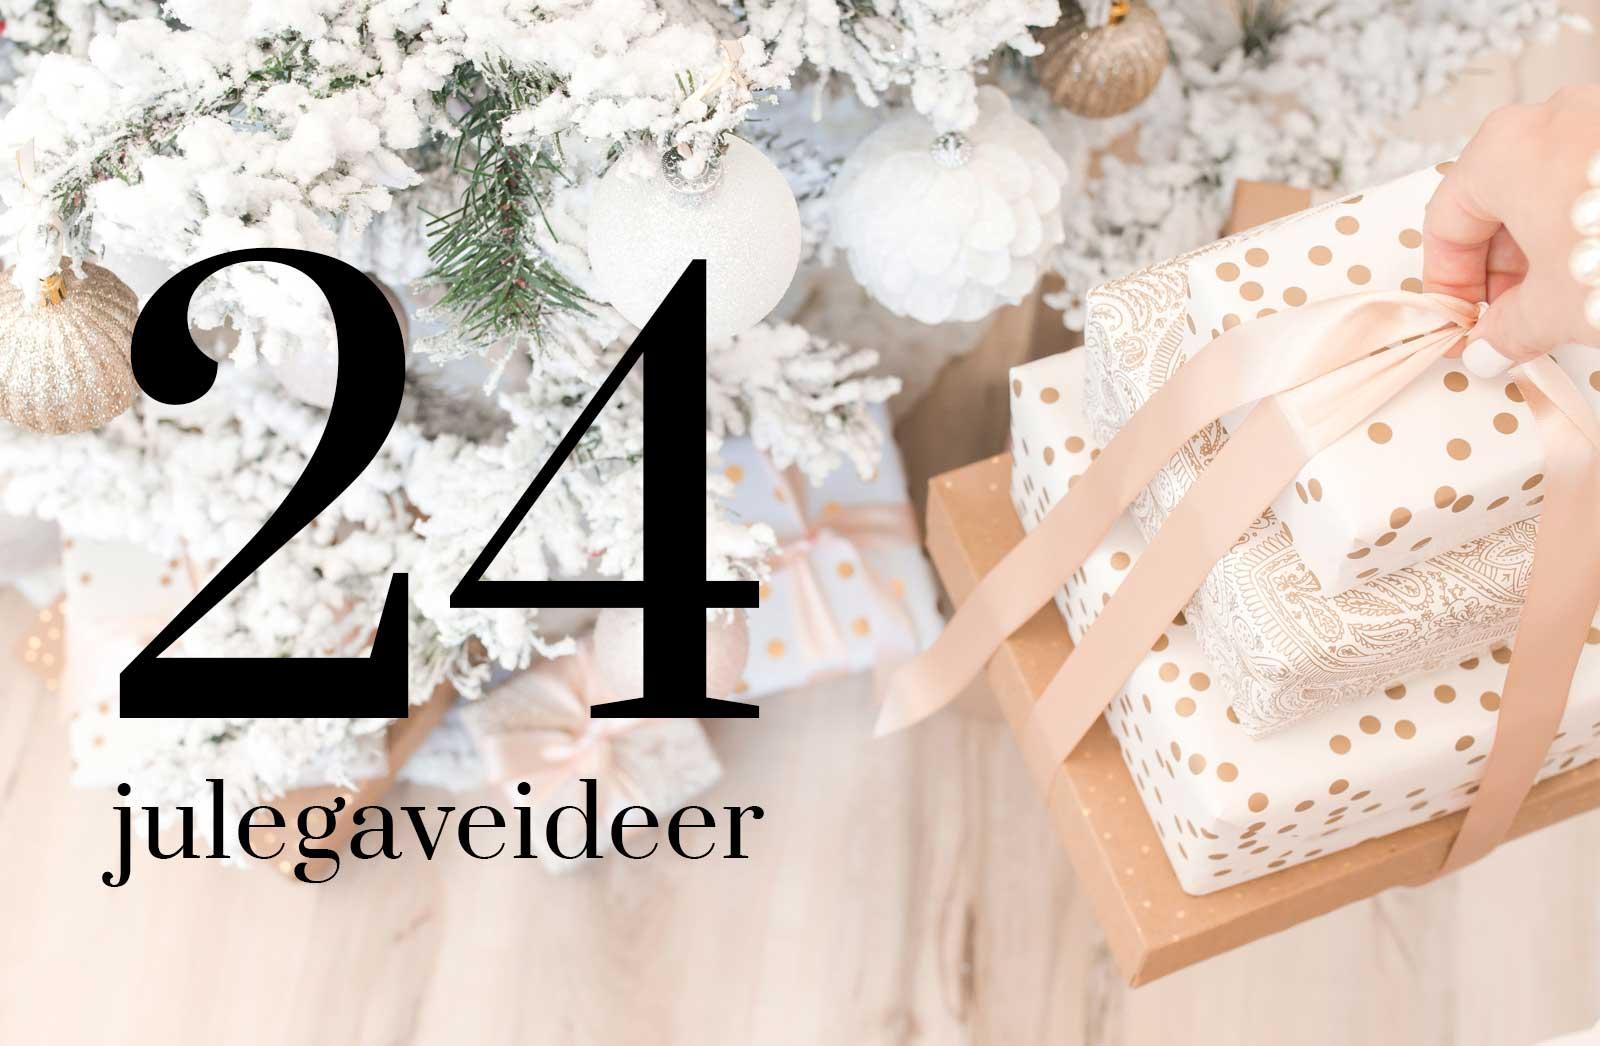 julegaver-ivaerksaetter